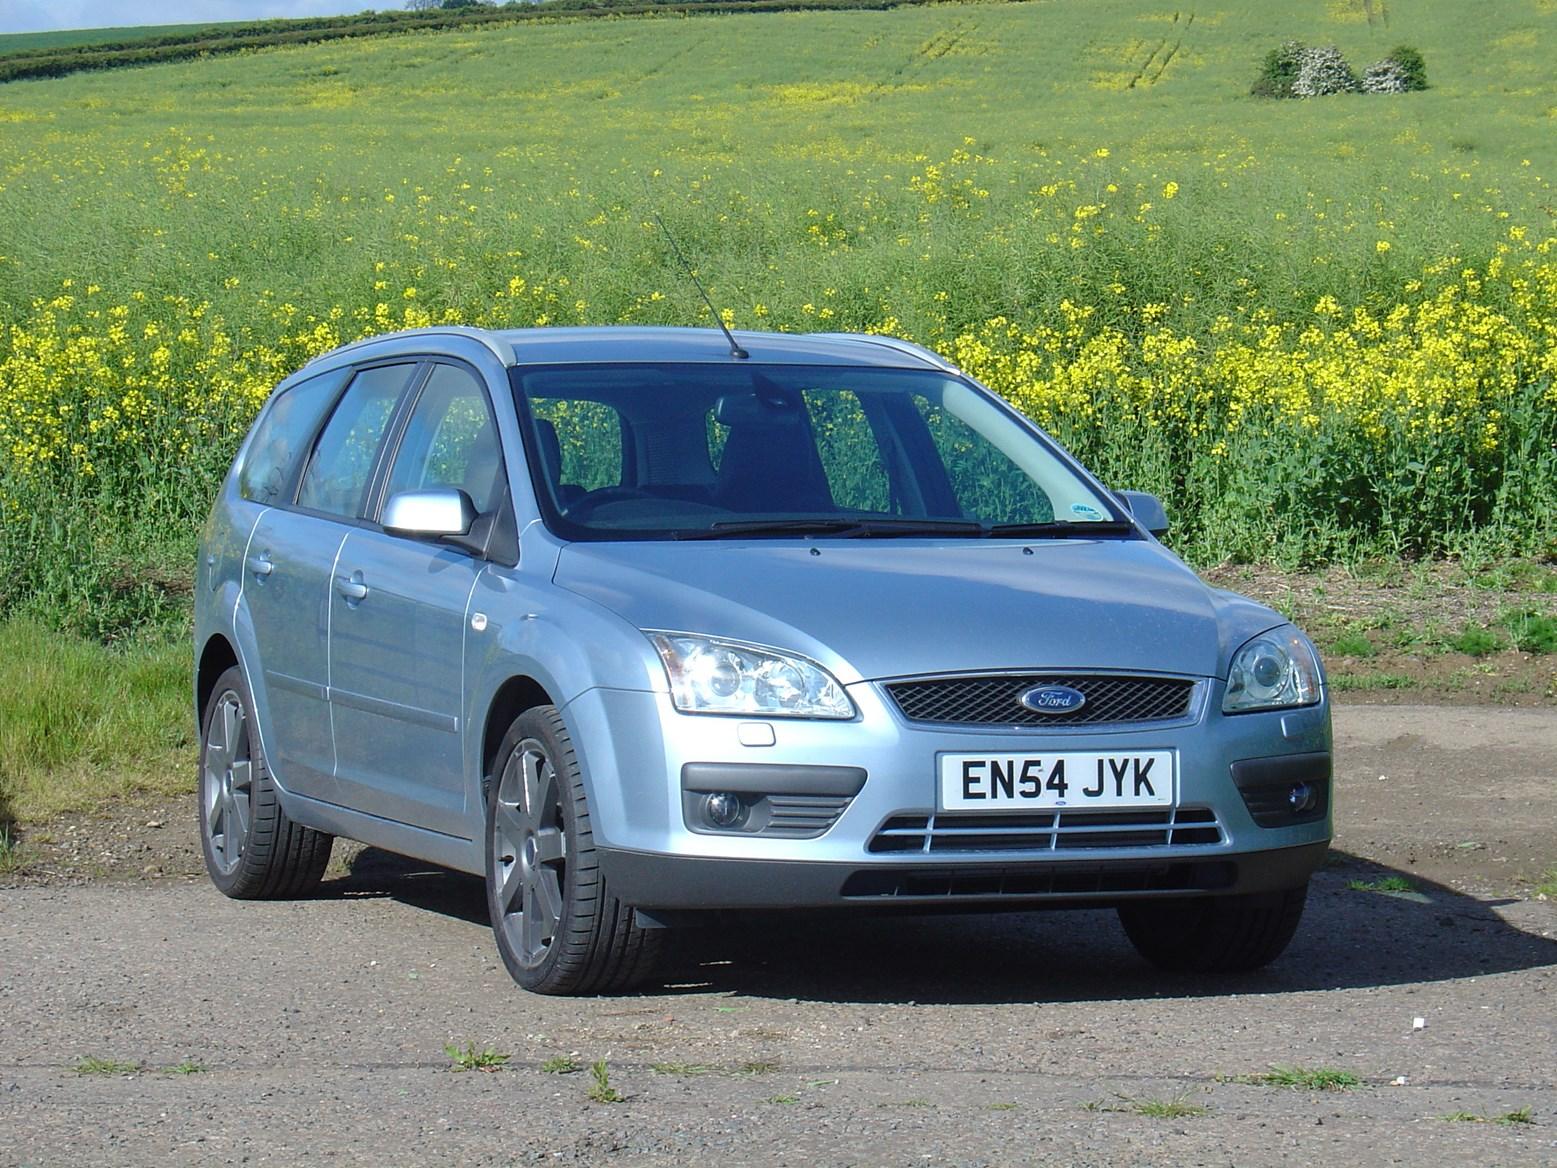 used ford focus estate  2005